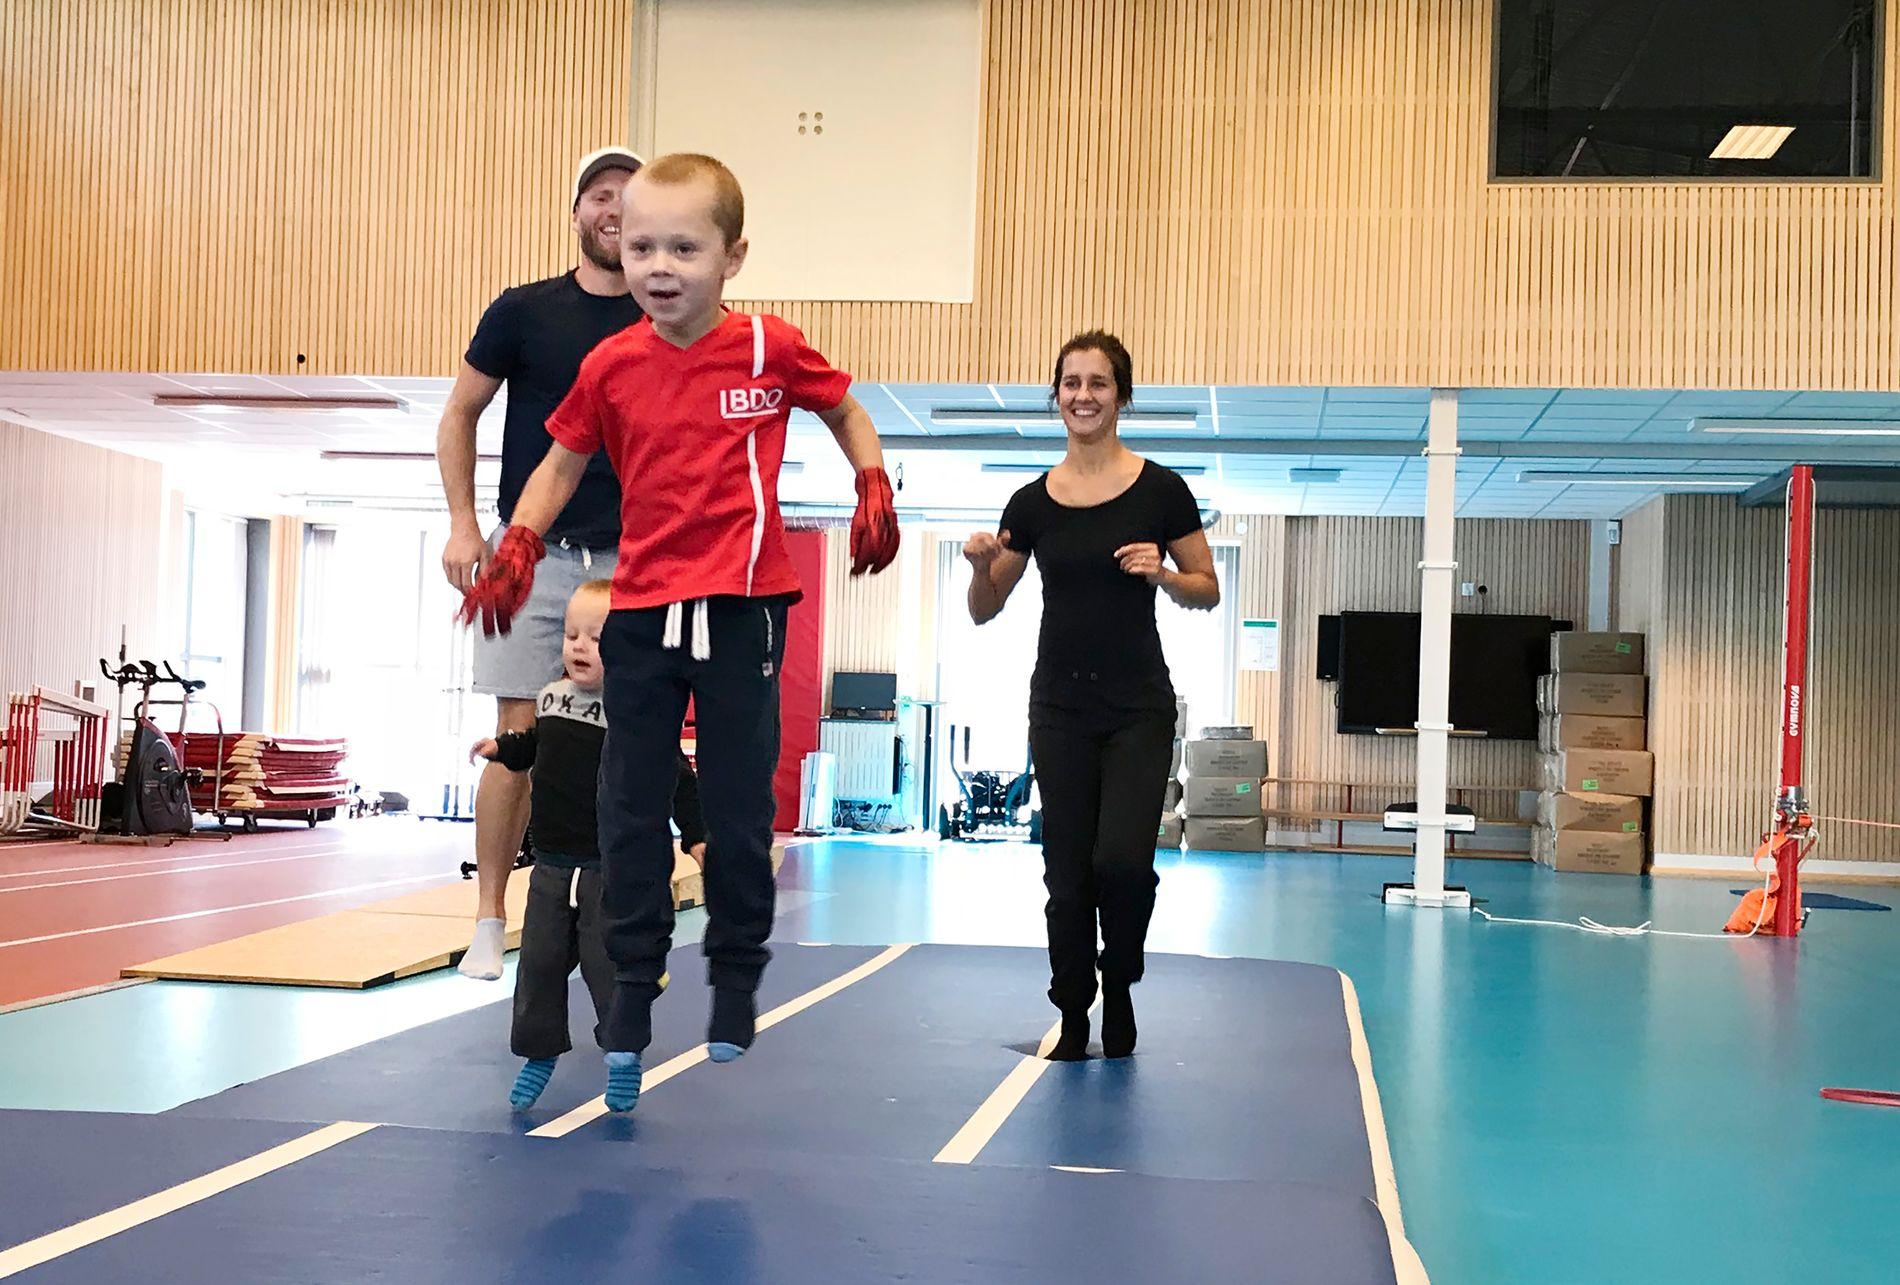 FAMILIETID: Martin Johnsrud Sundby hadde med seg kona Marieke og sønnene Markus (foran) og Max på Toppidrettssenteret. Det ble også tid til litt lek i den nye turnhallen.